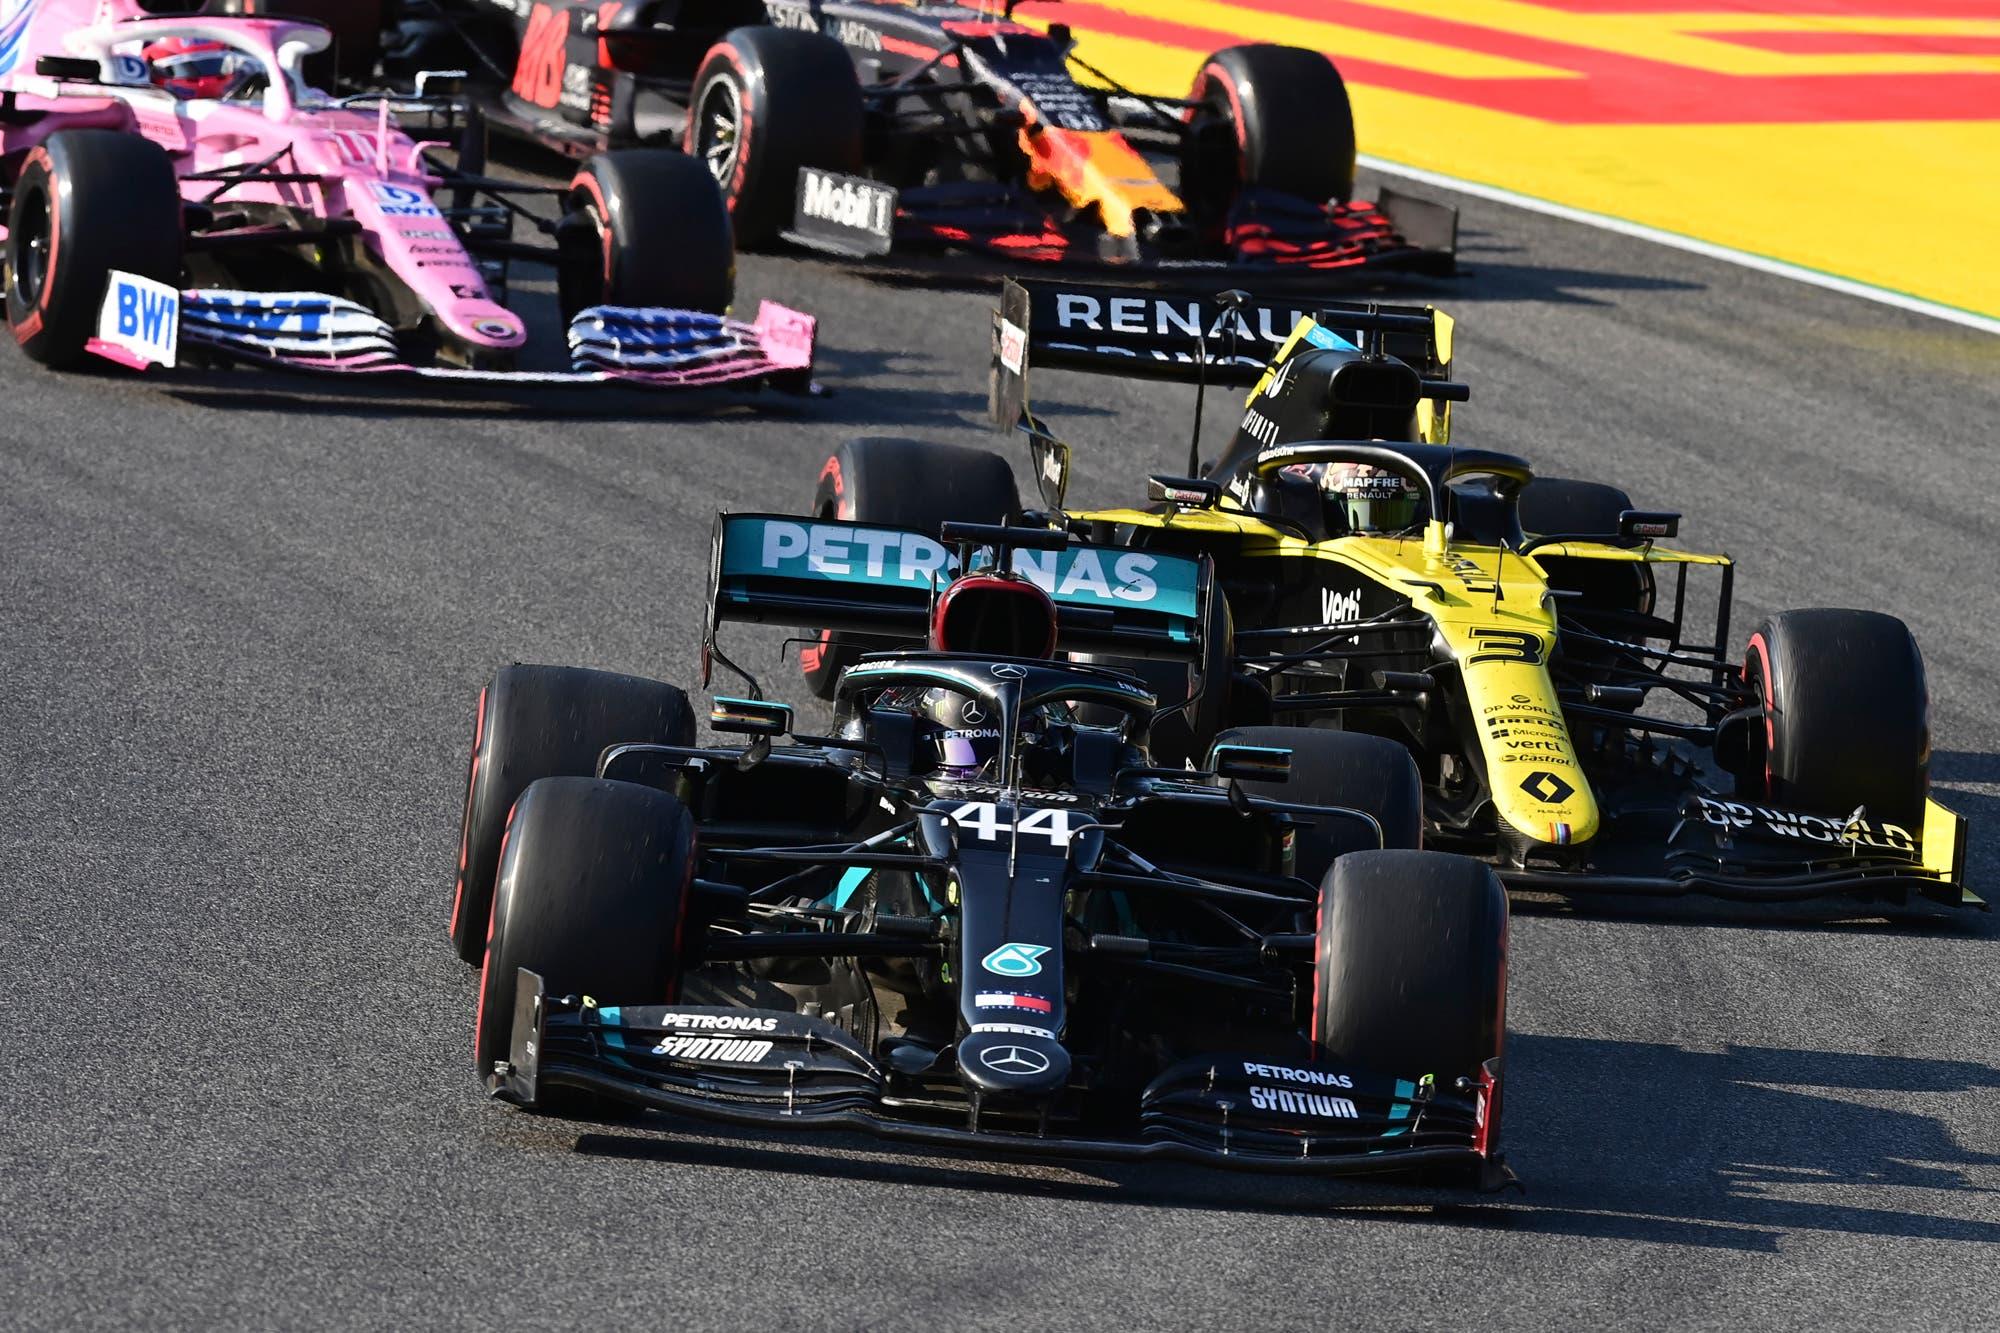 Fórmula 1. Gran Premio de Rusia en Sochi: horarios y TV de pruebas, clasificación y la carrera del fin de semana